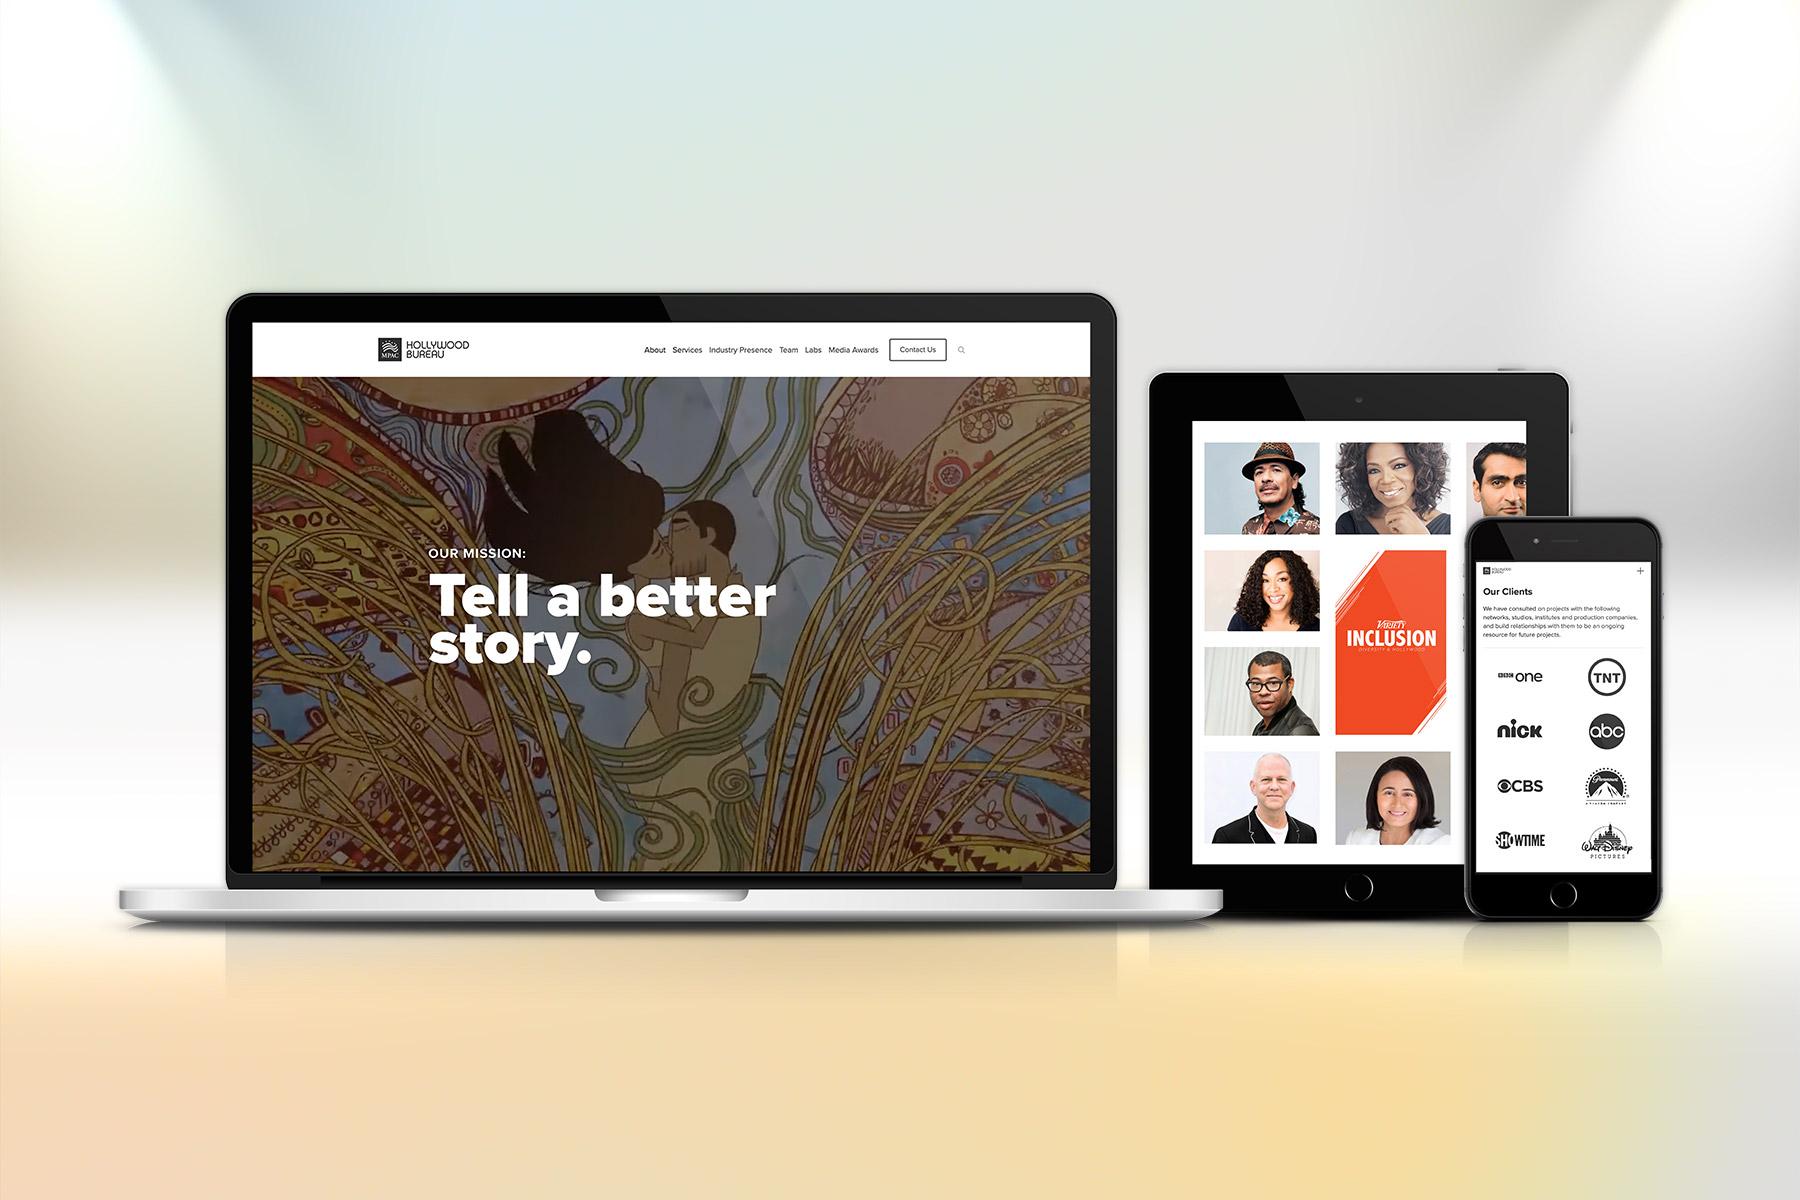 hb-website-screenshots.jpg